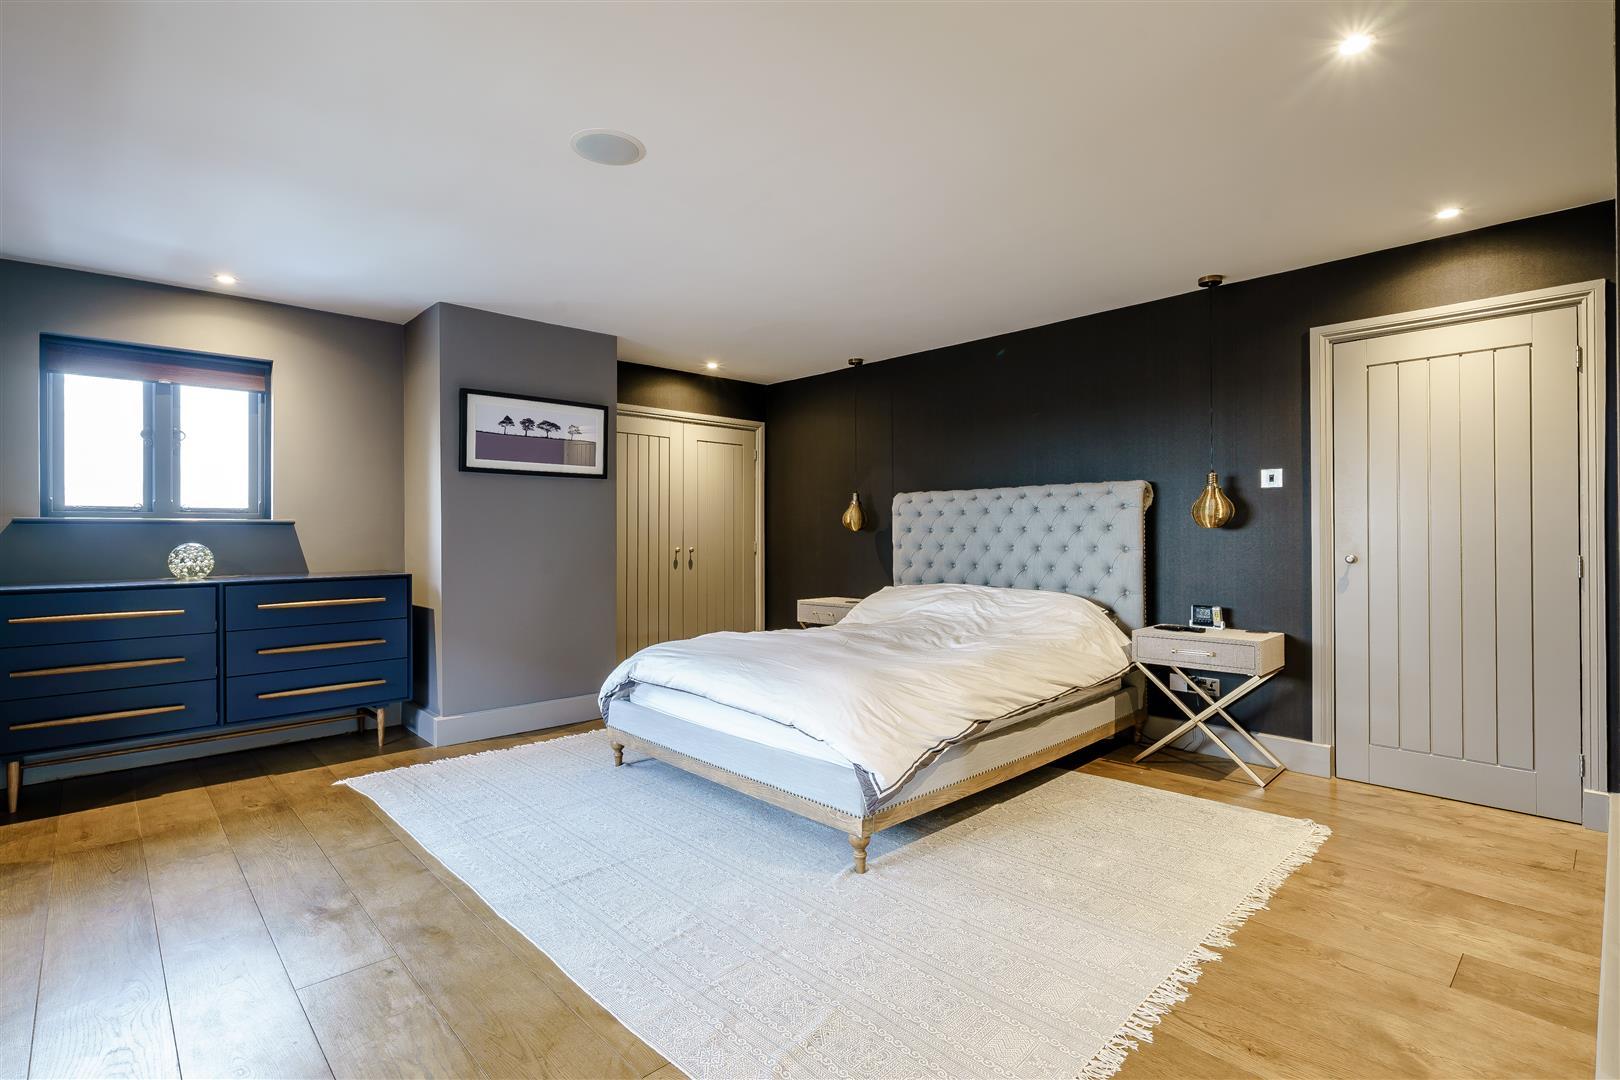 Rowstock Manor - Gallery Image 15 - Principal Bedroom